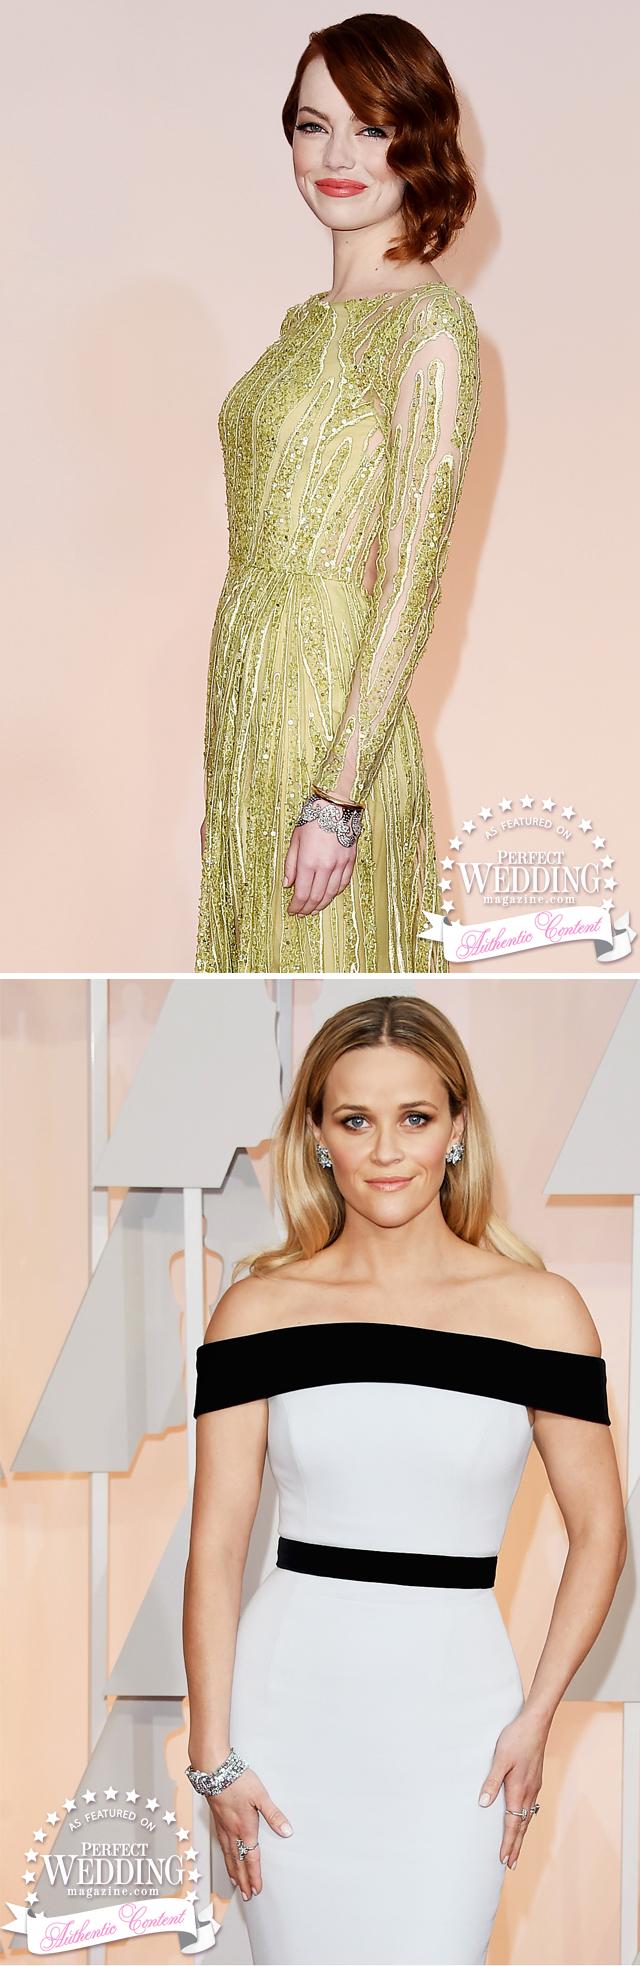 Tiffany at the Oscars by 2015